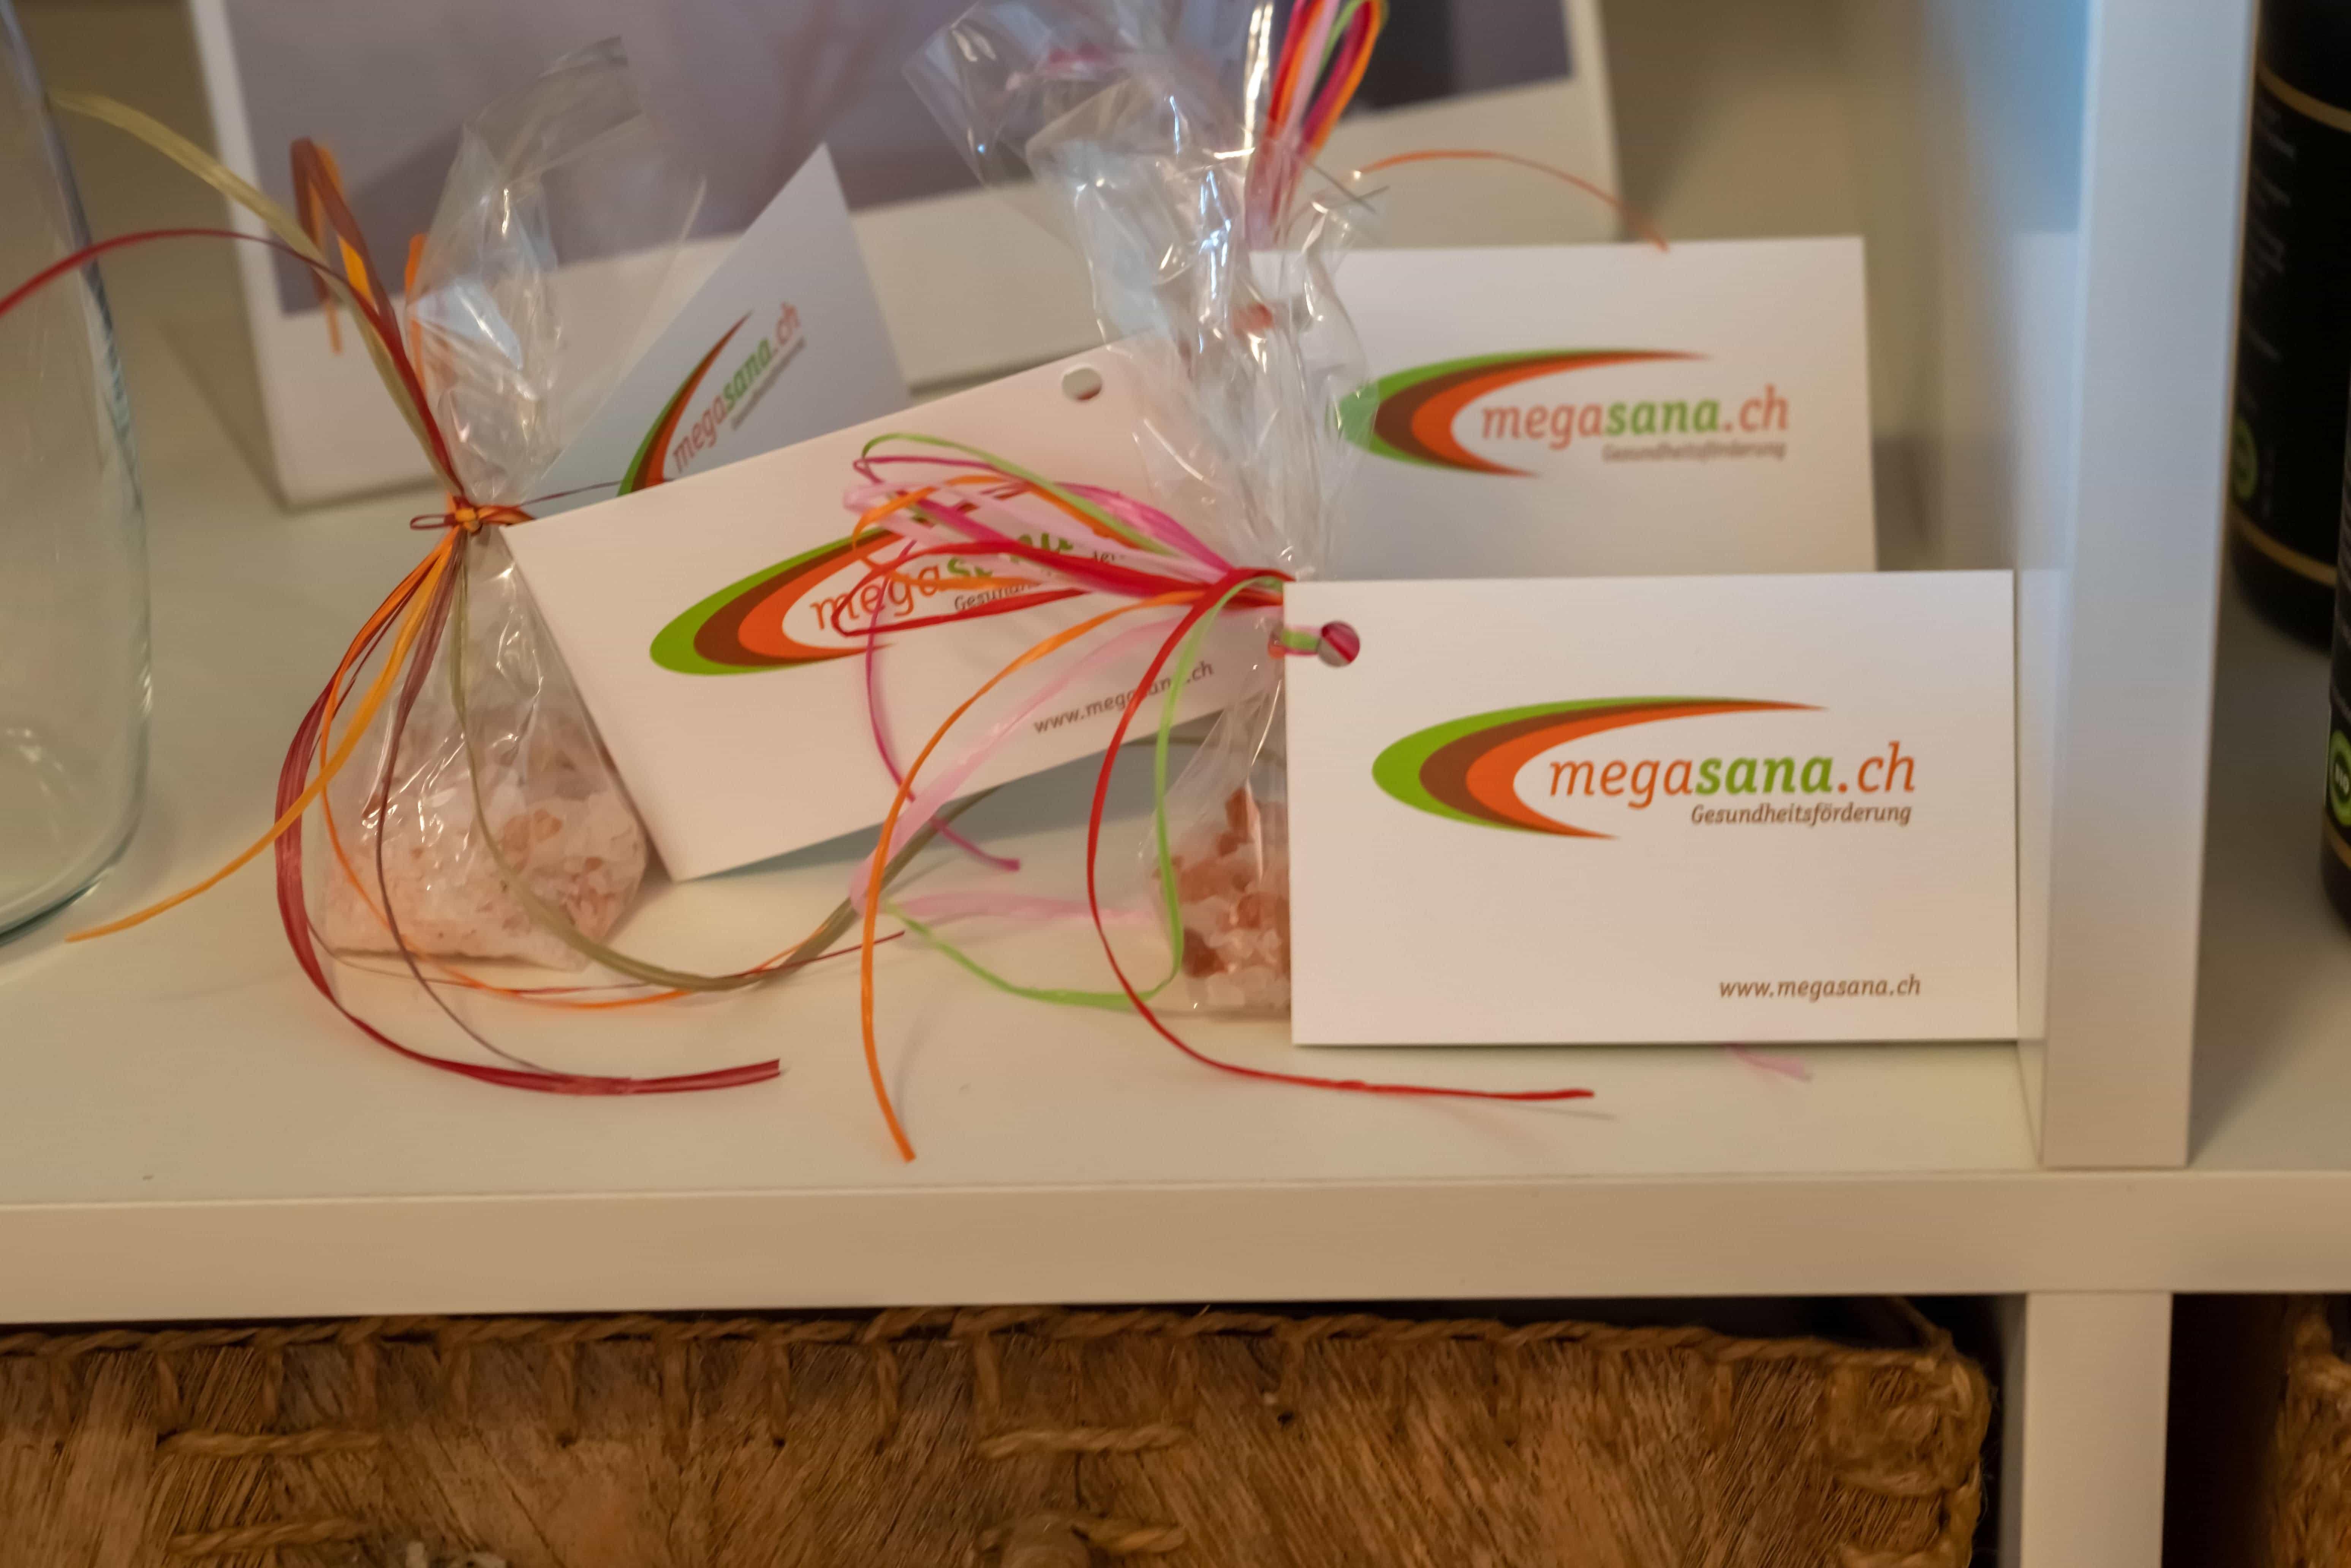 kleine Geschenke mit Megasana Logo